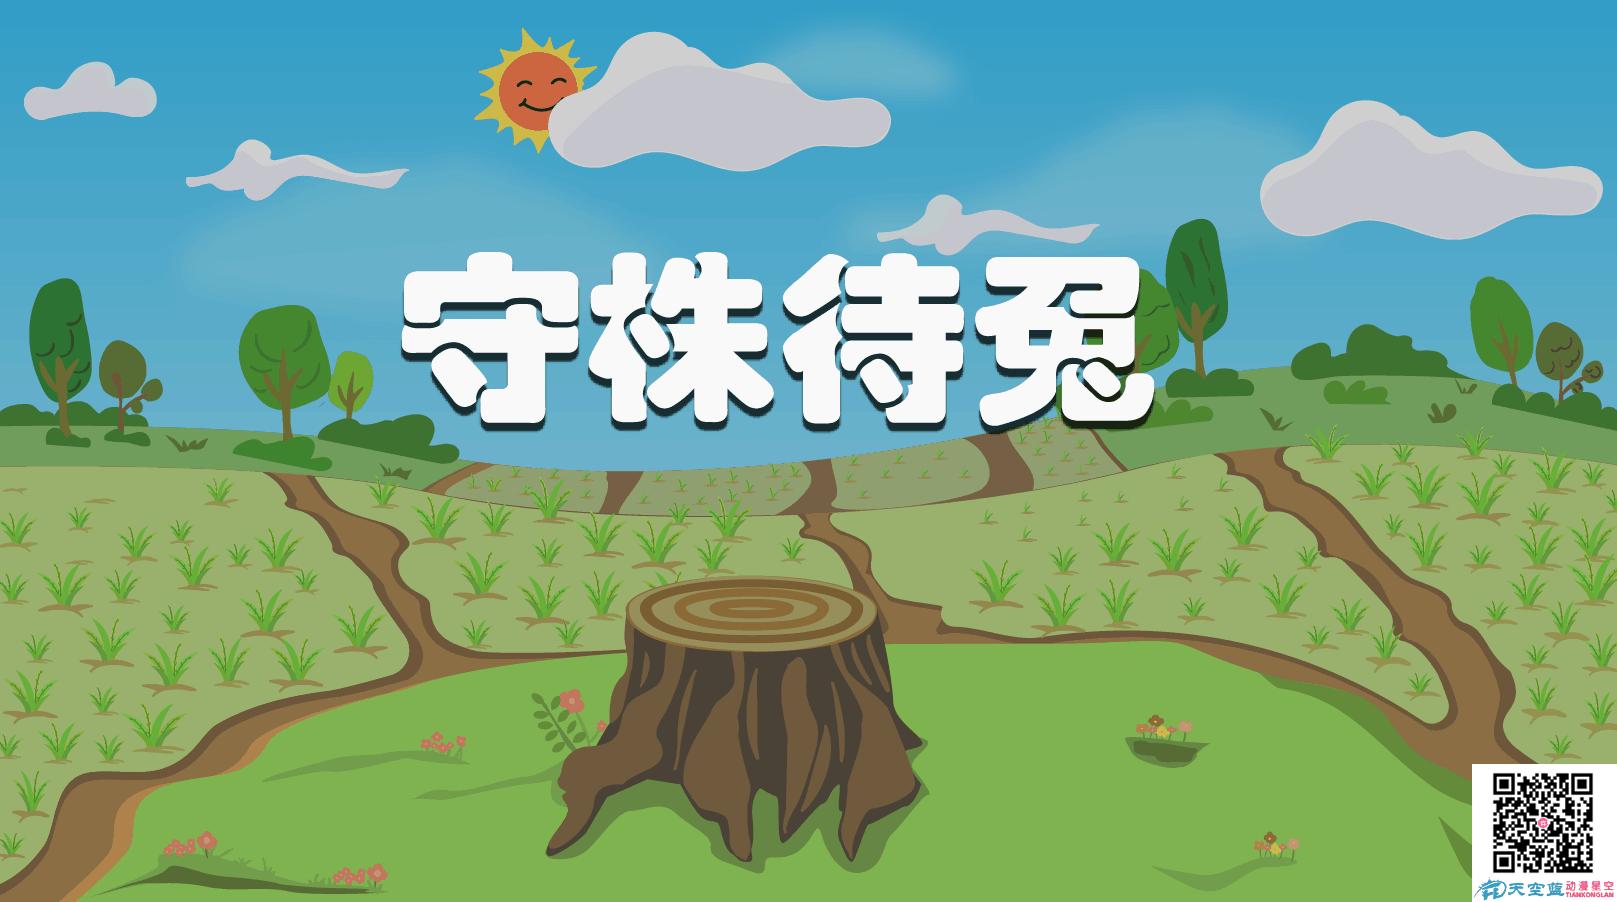 《守株待兔》动画制作原画分镜头